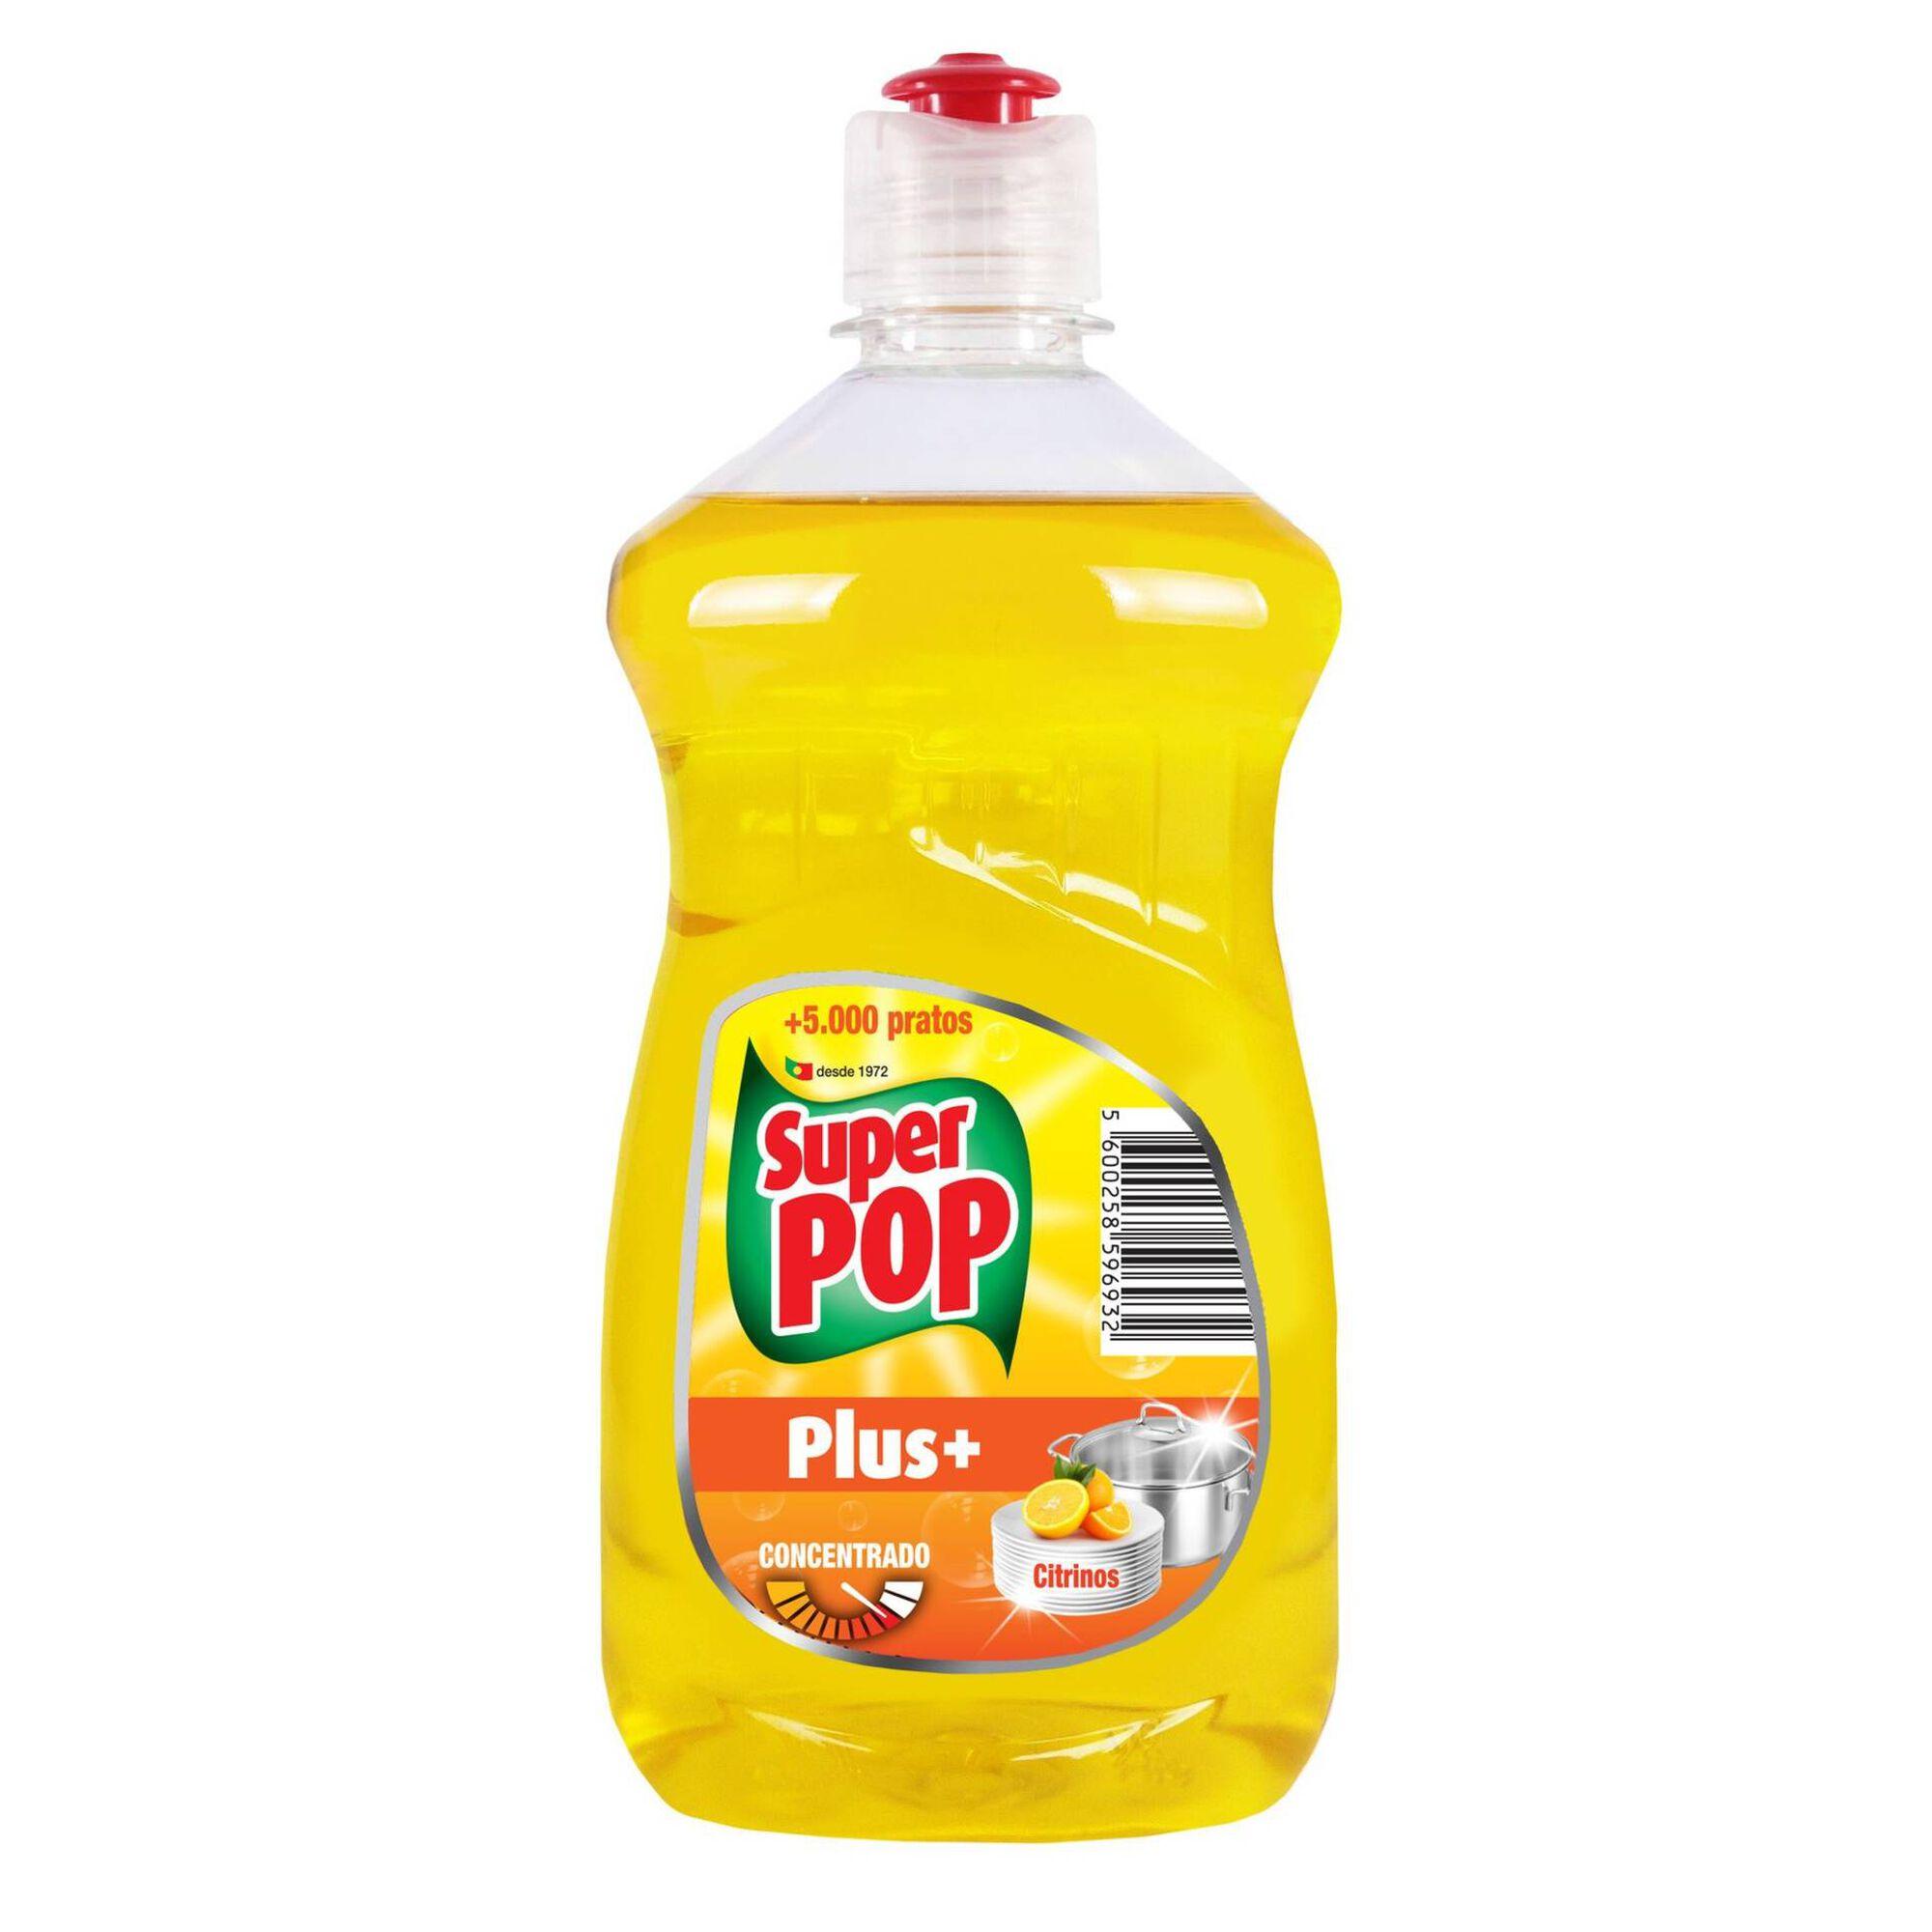 Detergente Manual Loiça Citrinos